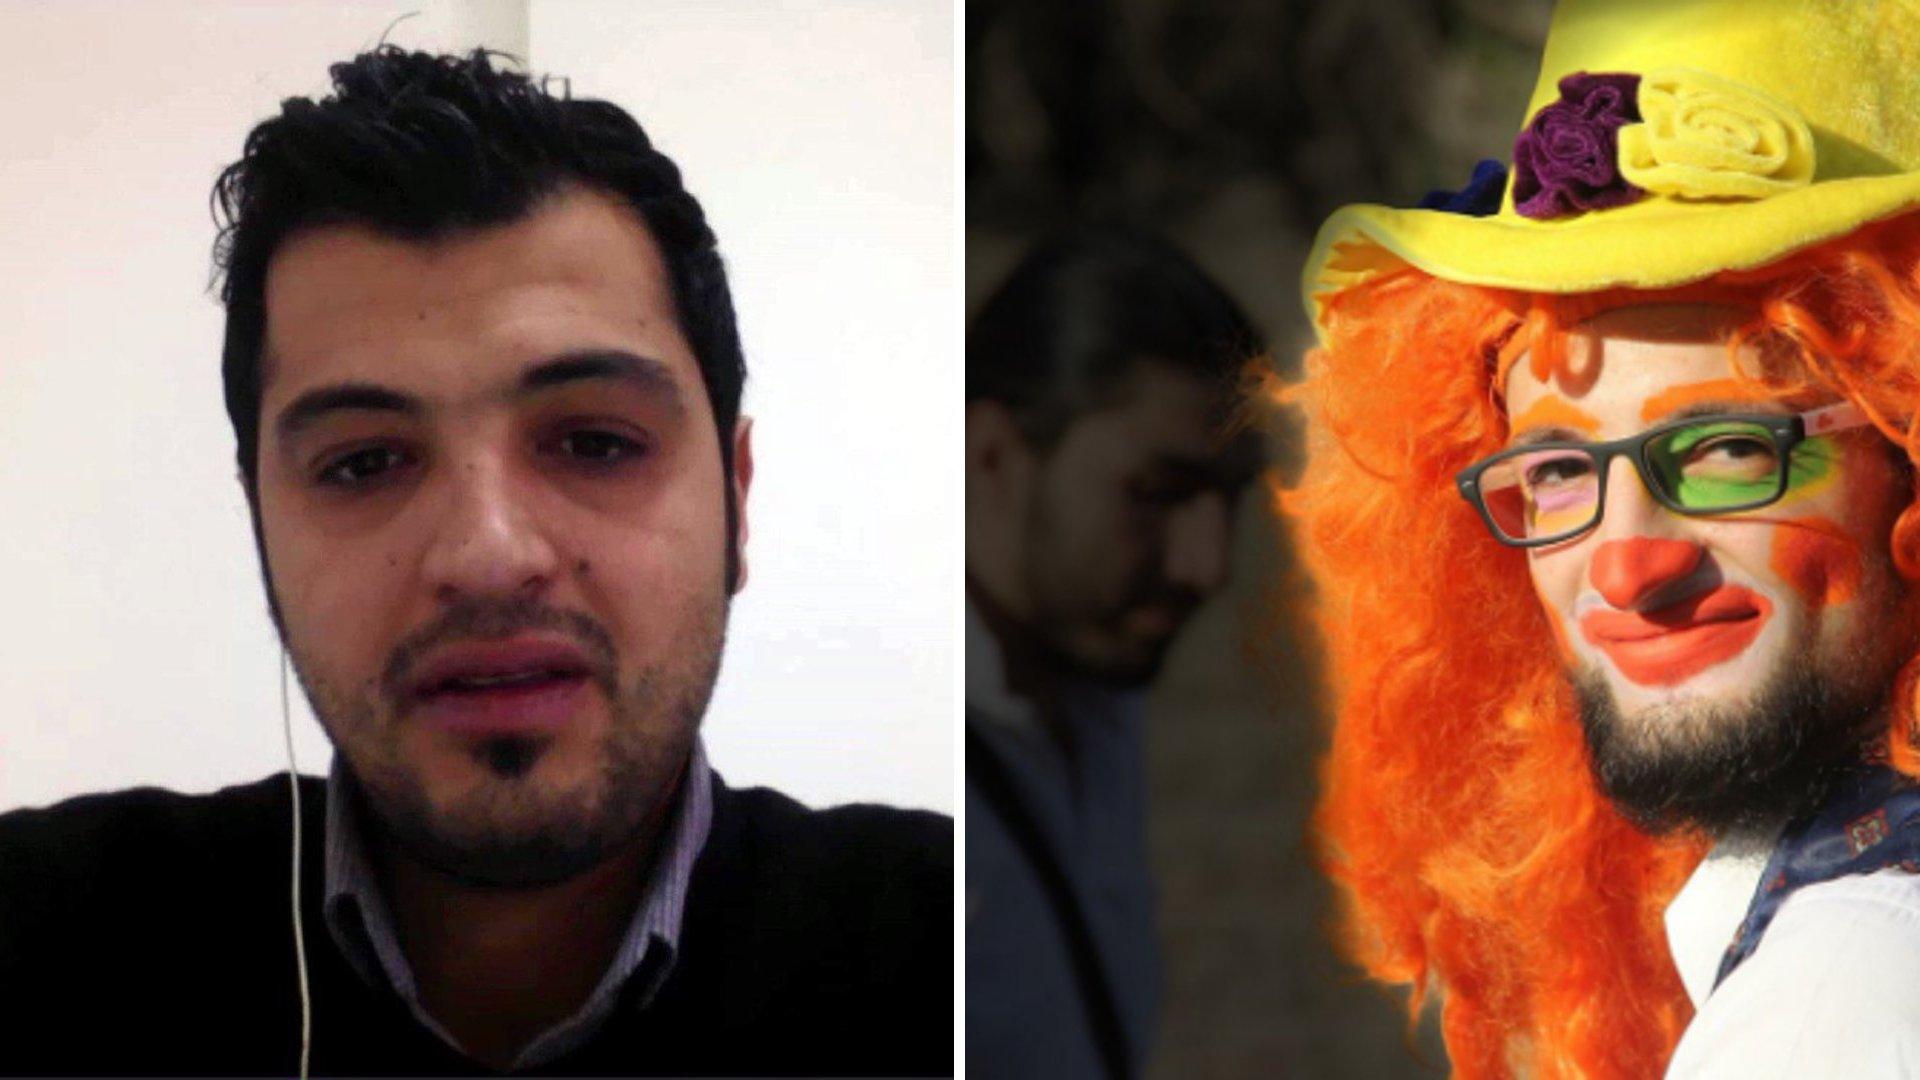 Clown von Aleppo: Interview mit Bruder des getöteten Sozialarbeiters